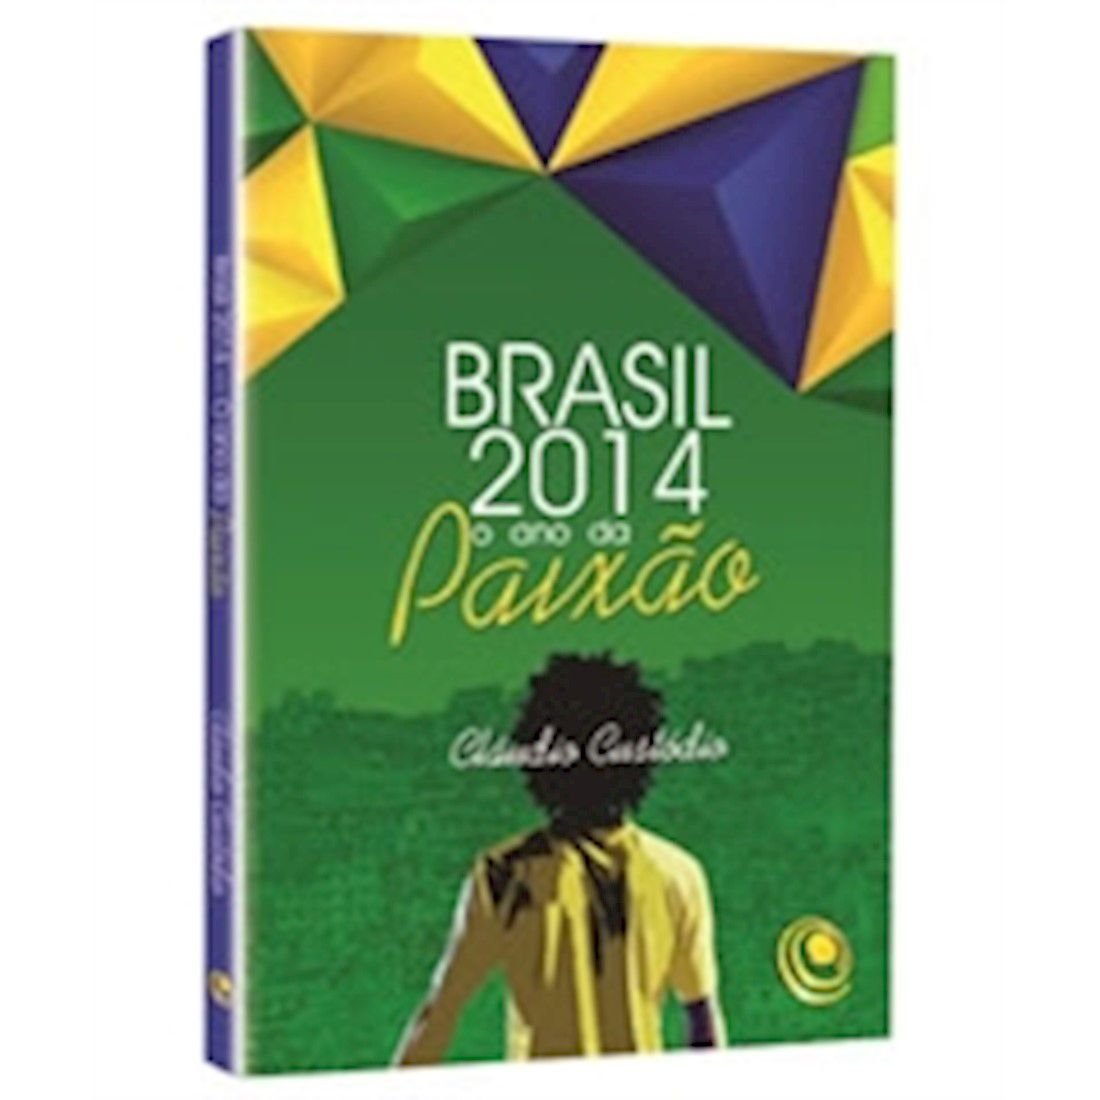 Livro Brasil 2014 - O Ano da Paixão